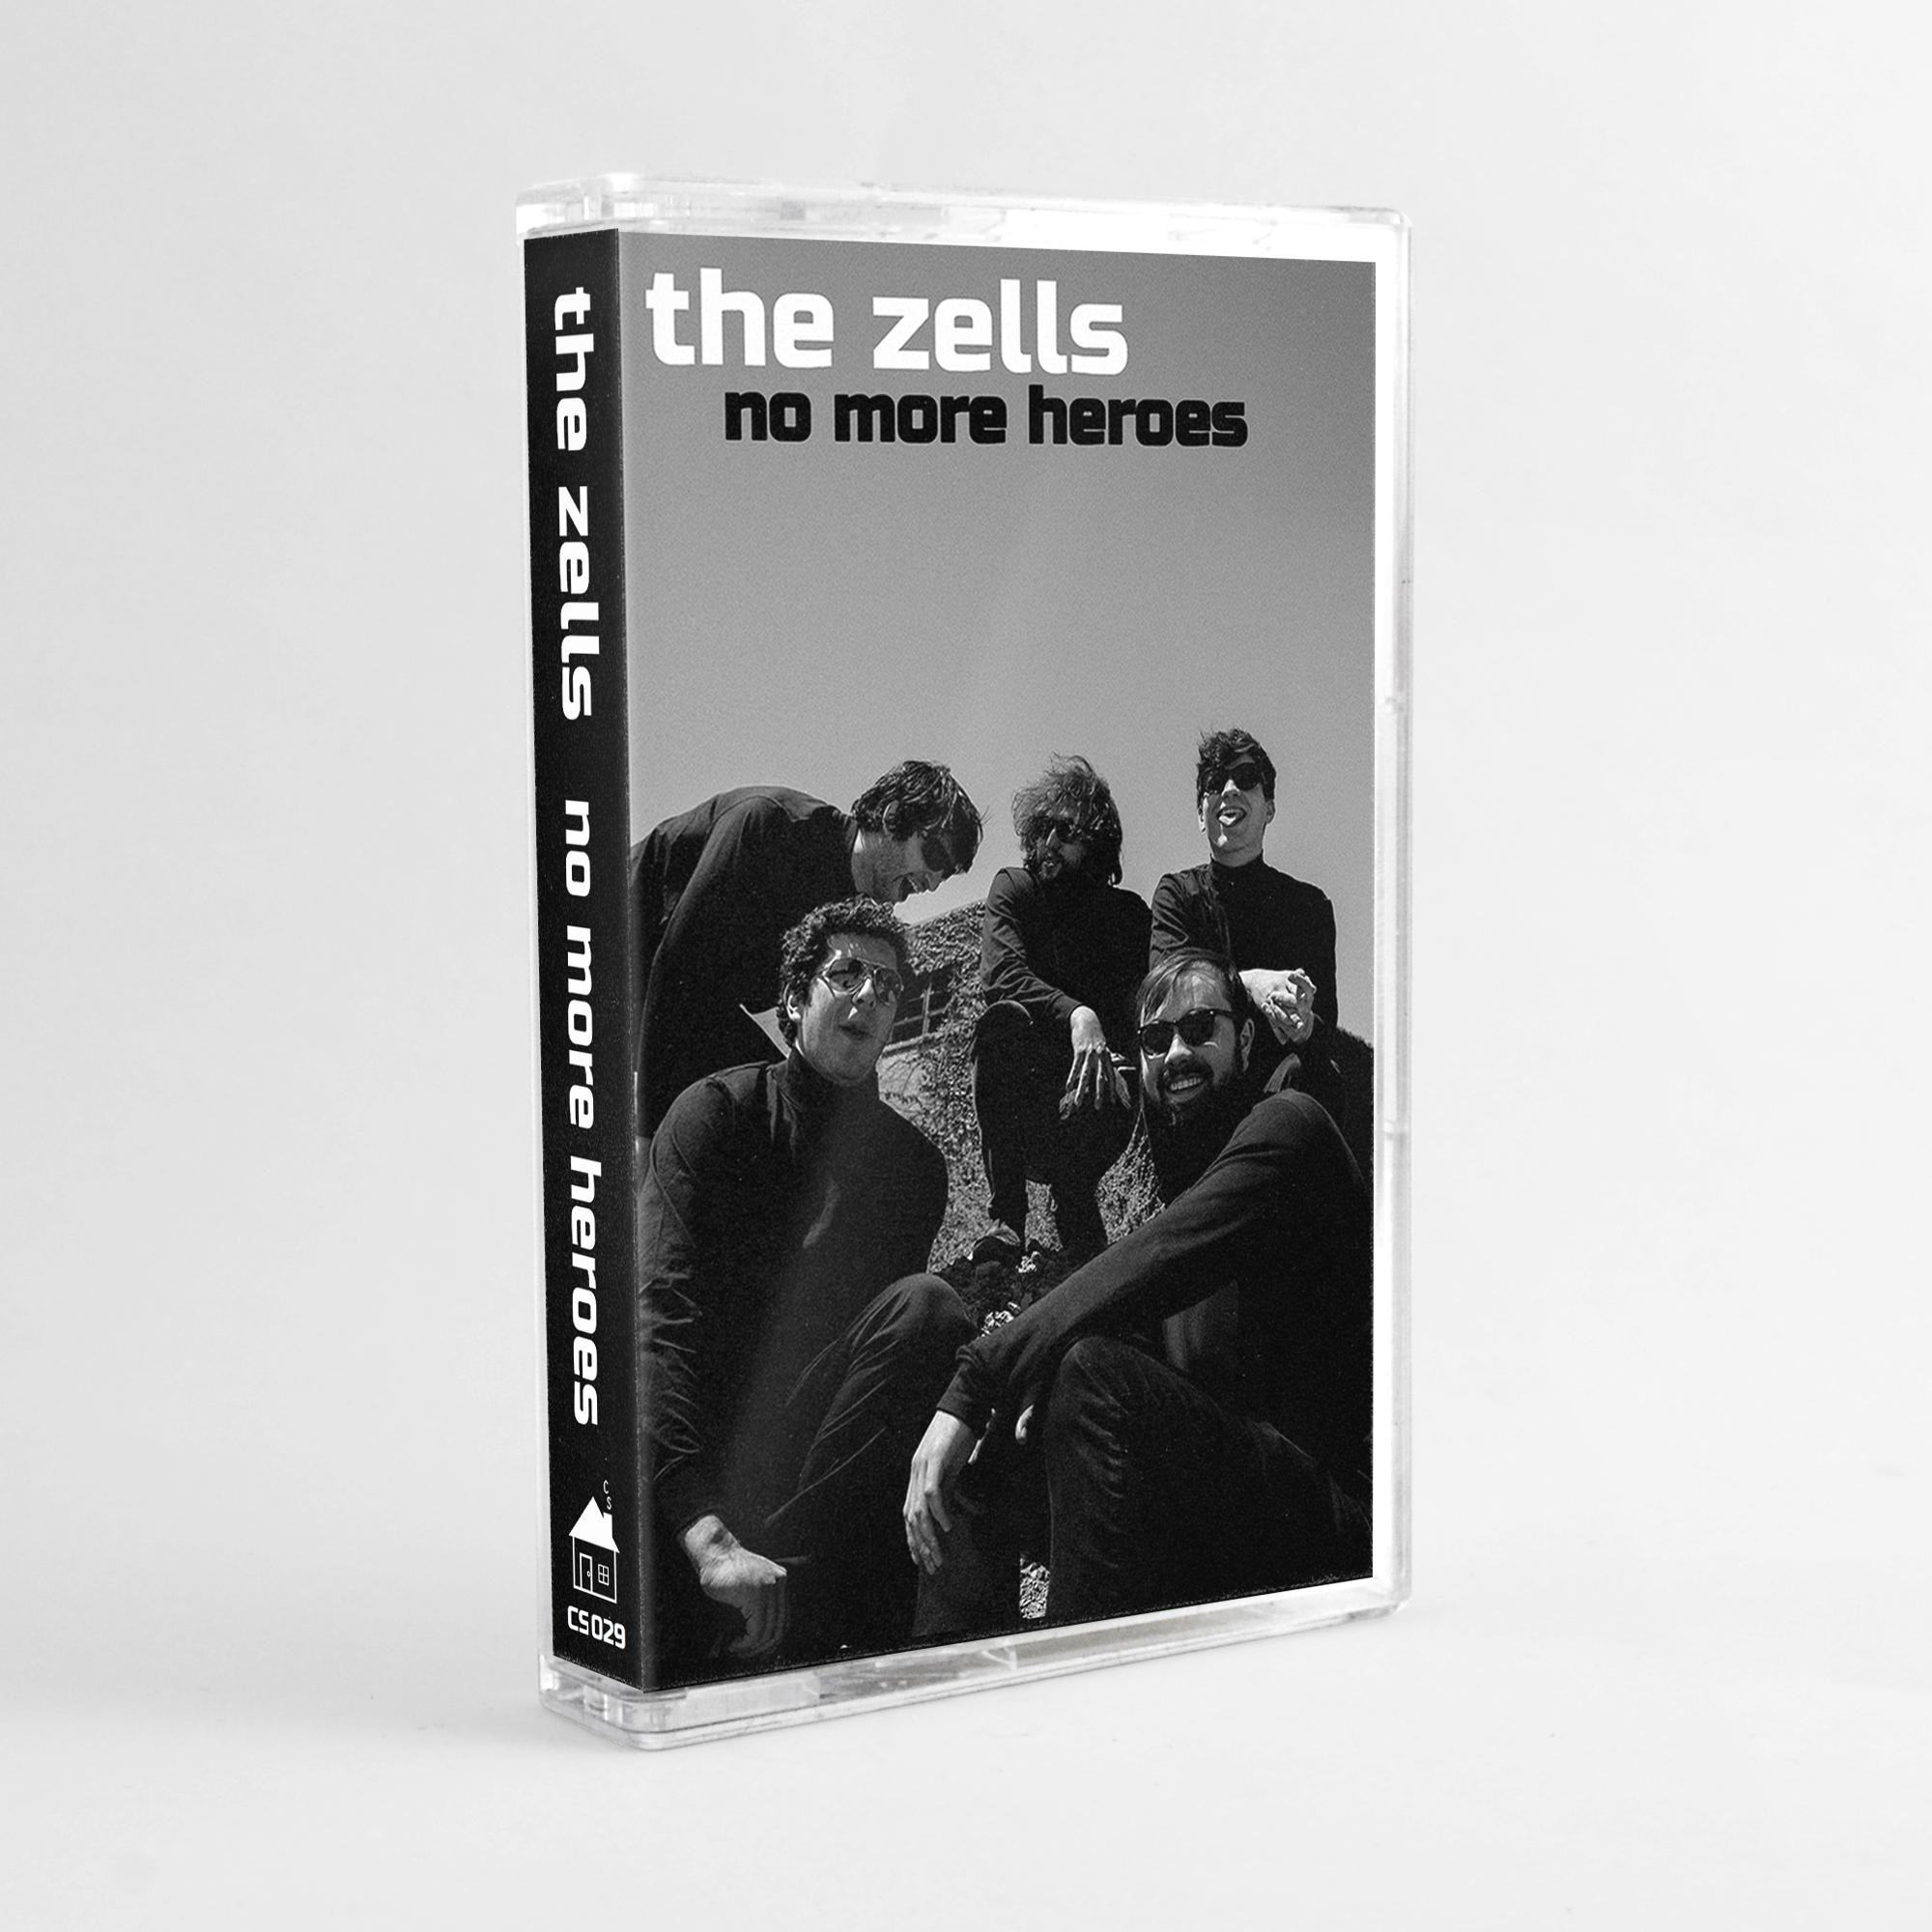 The Zells - No More Heroes